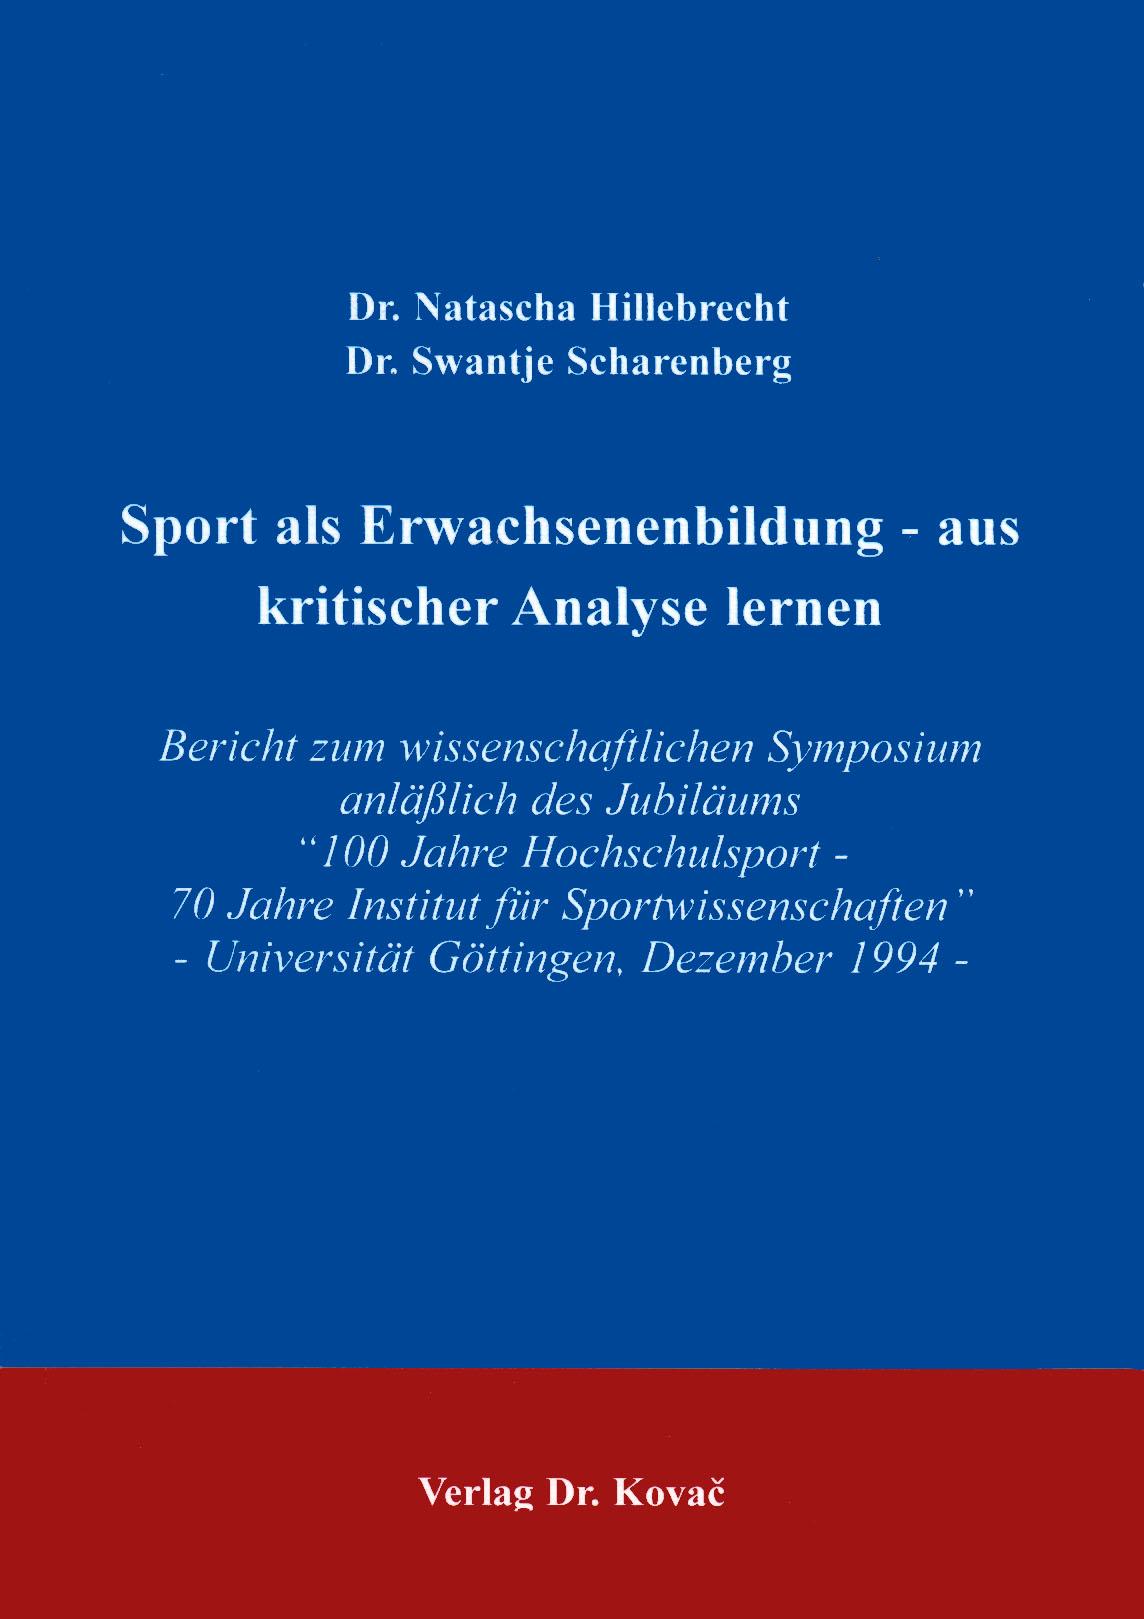 Cover: Sport als Erwachsenenbildung - aus kritischer Analyse lernen